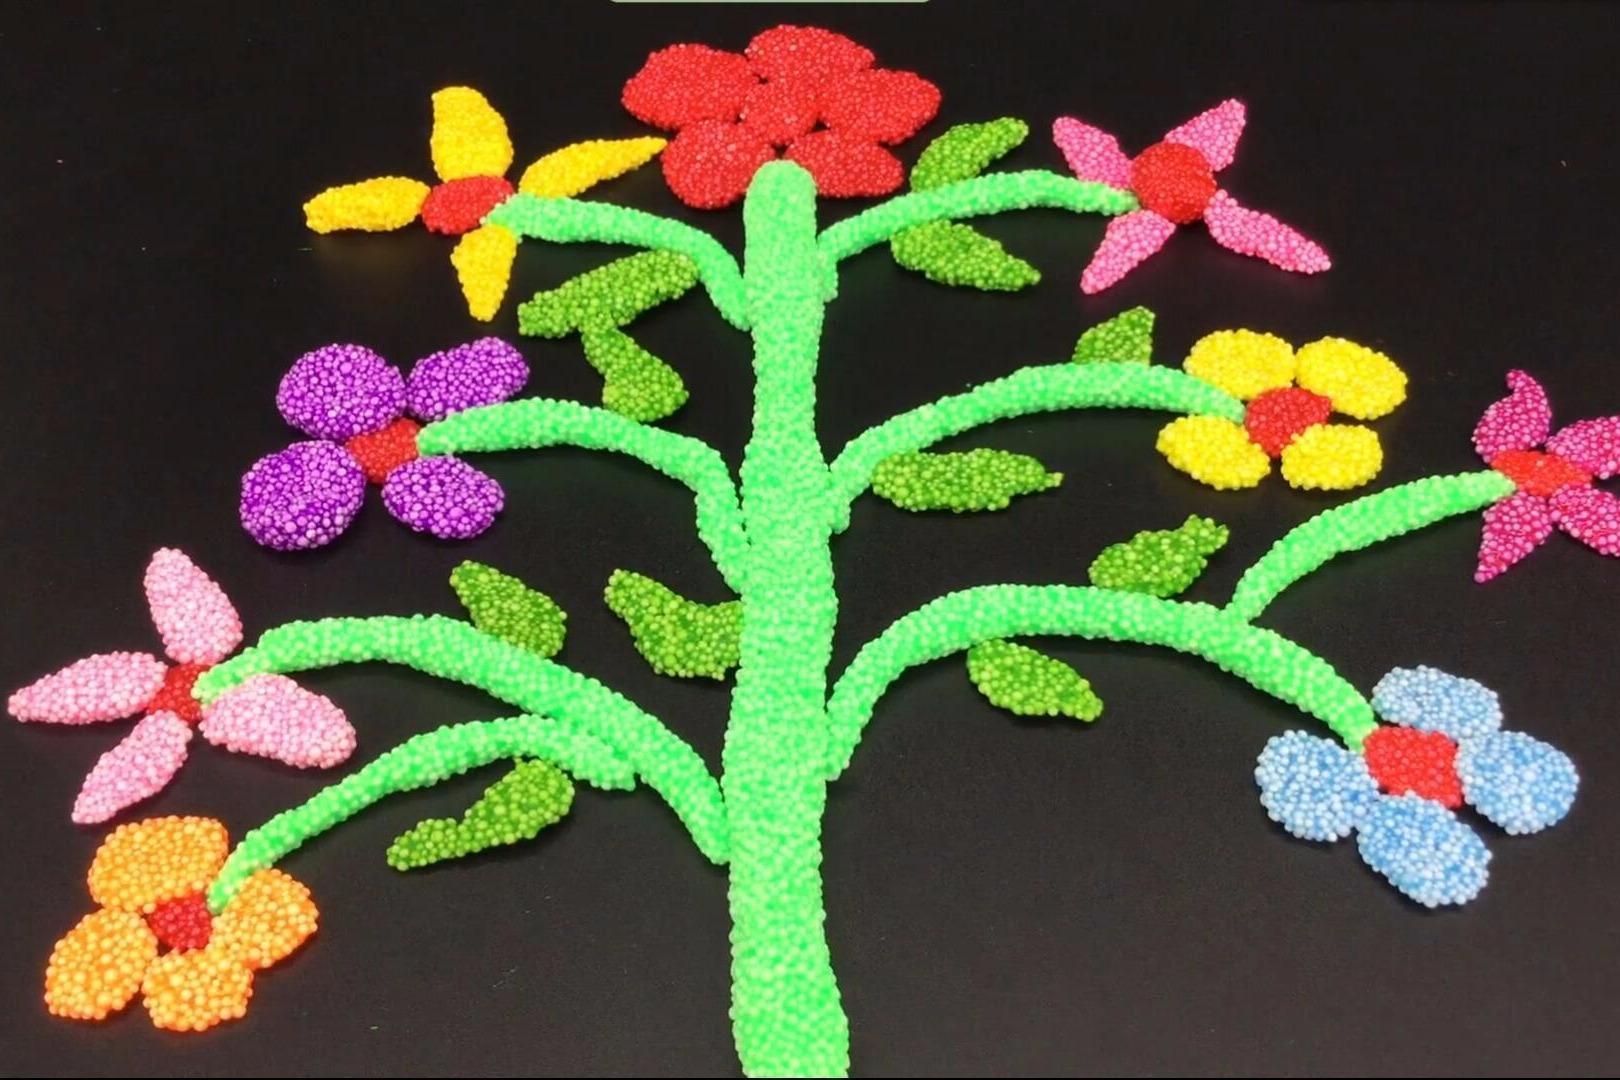 雪花泥粘土手工制作五颜六色花朵